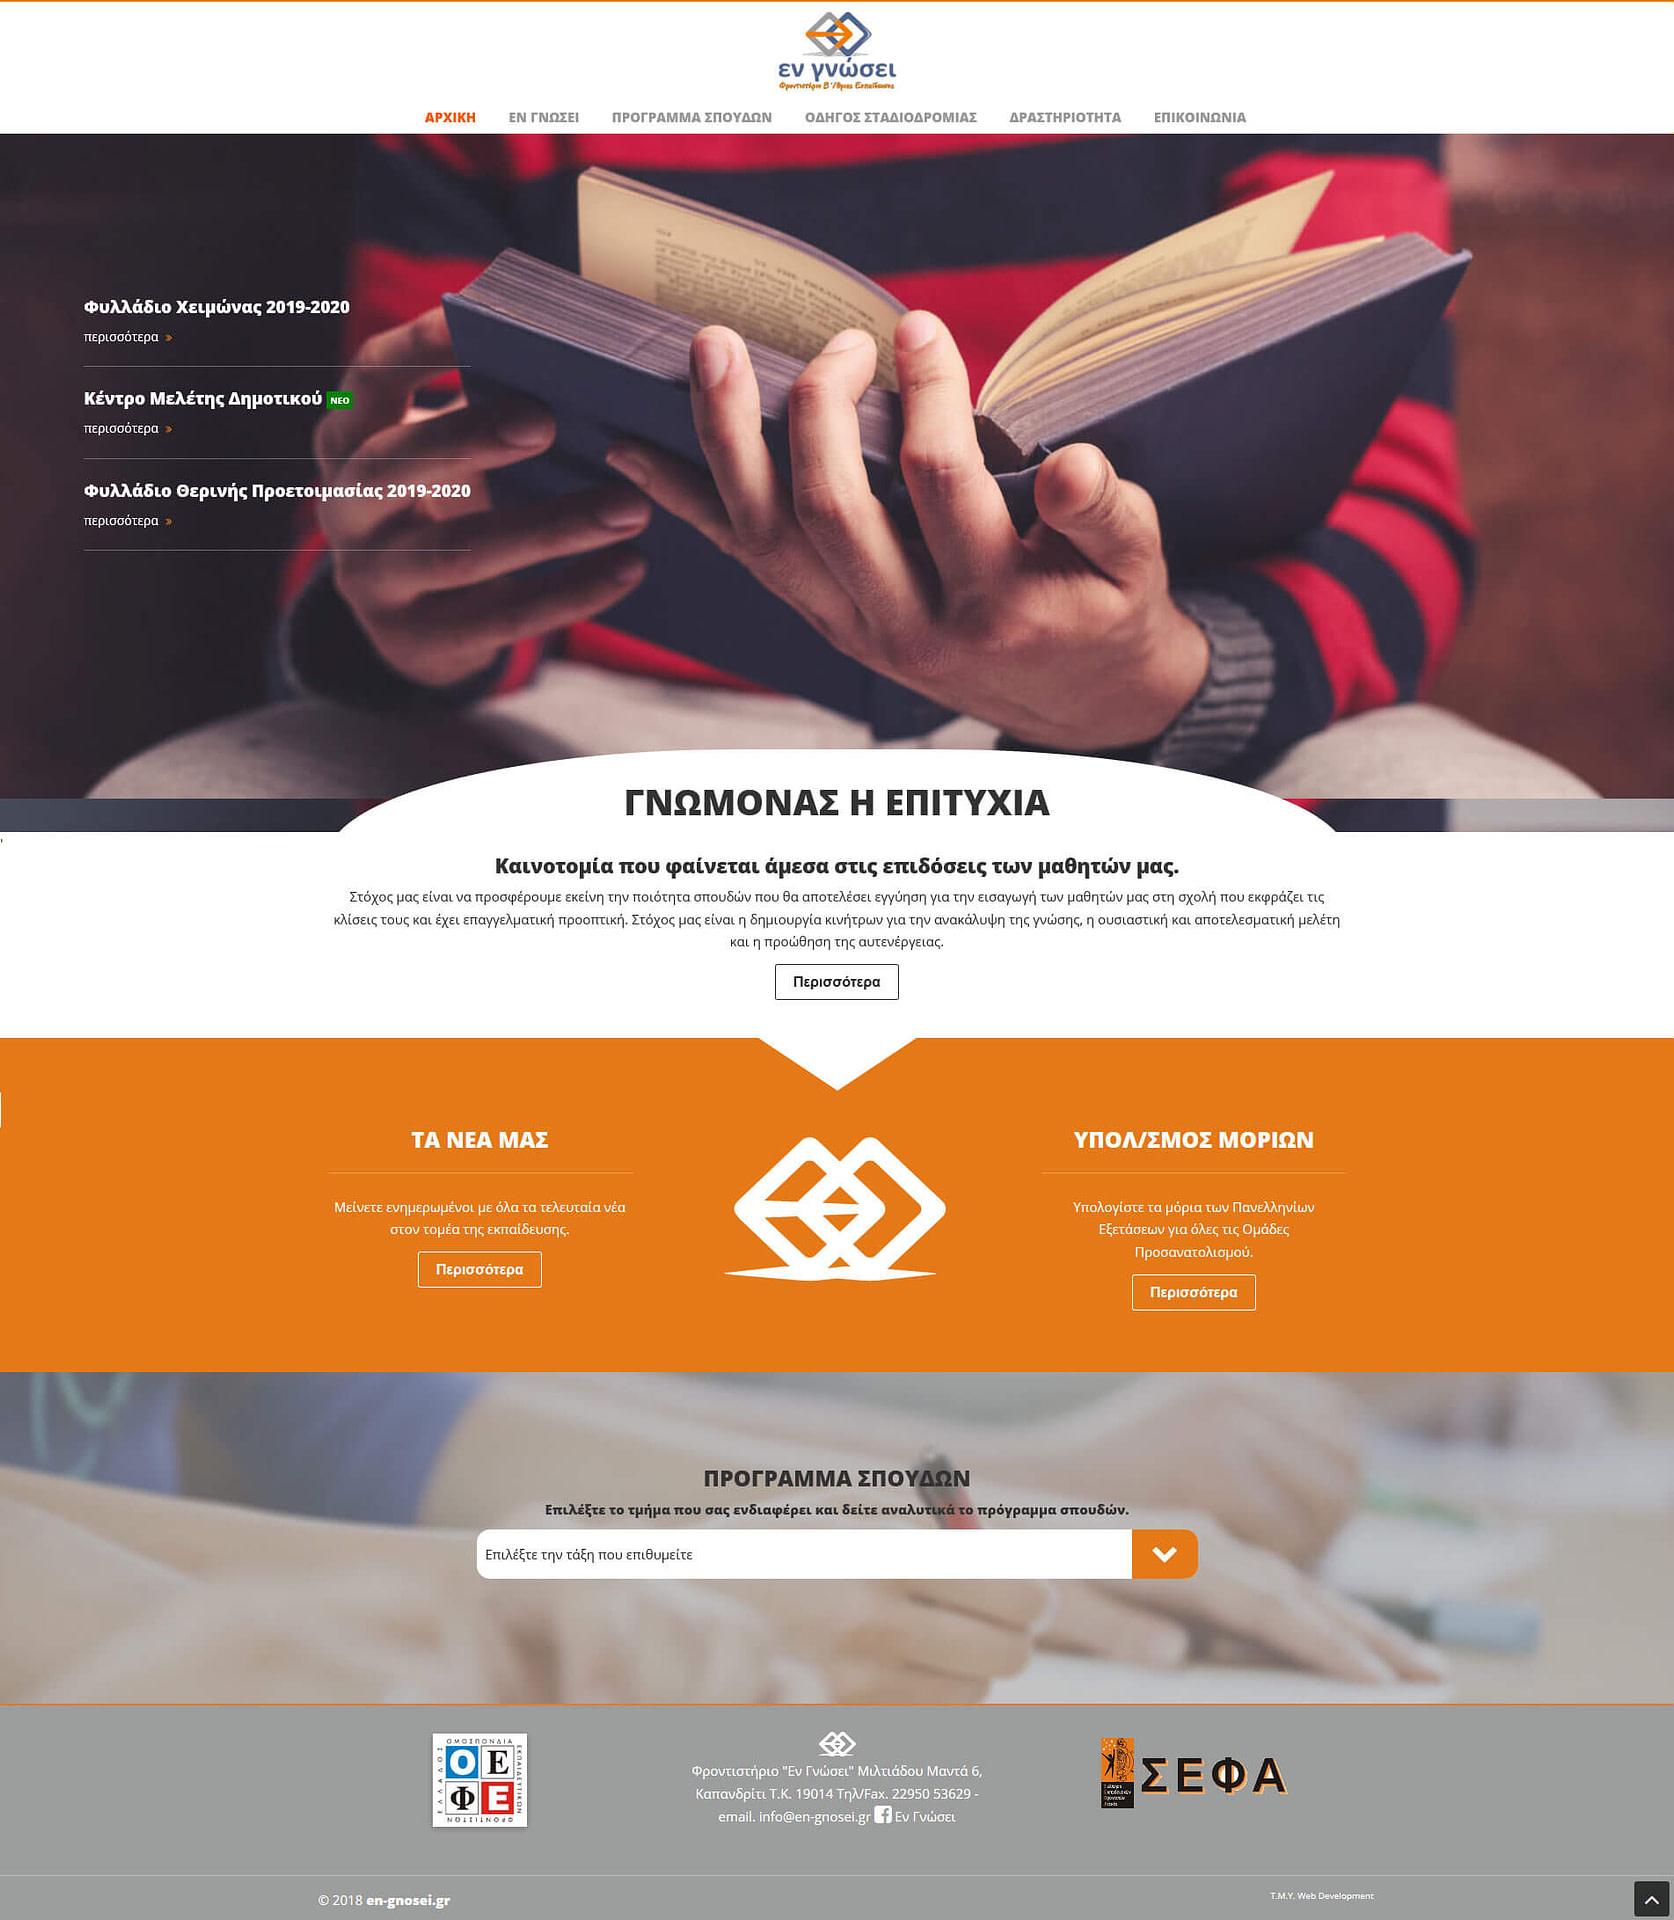 Εν Γνώσει - TMY WEB Development